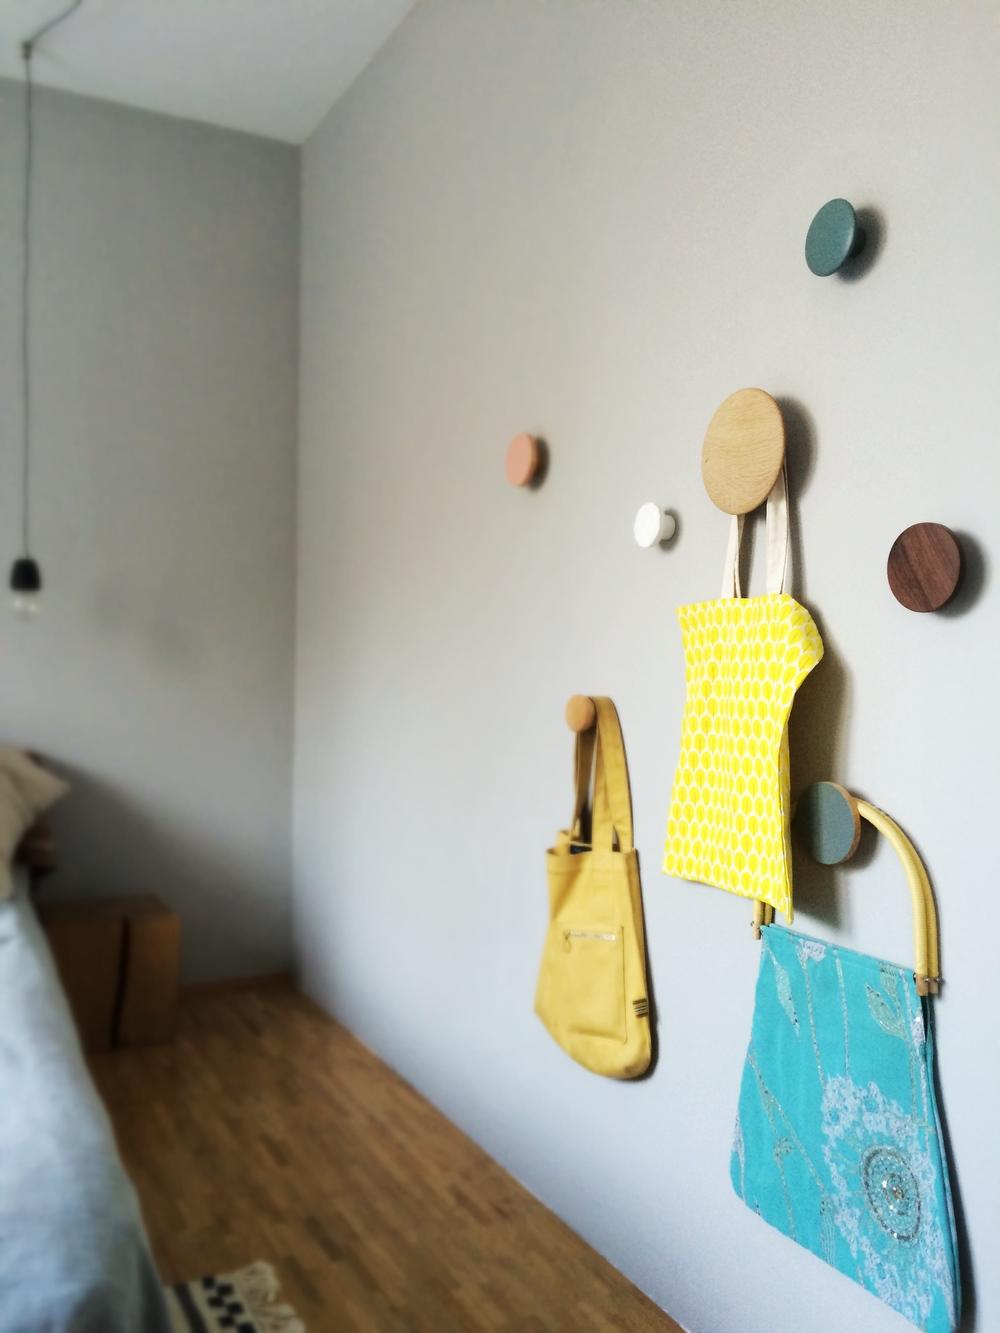 Ersetzen jedes Bild: Wandhaken von  Muuto  und  BoConcept